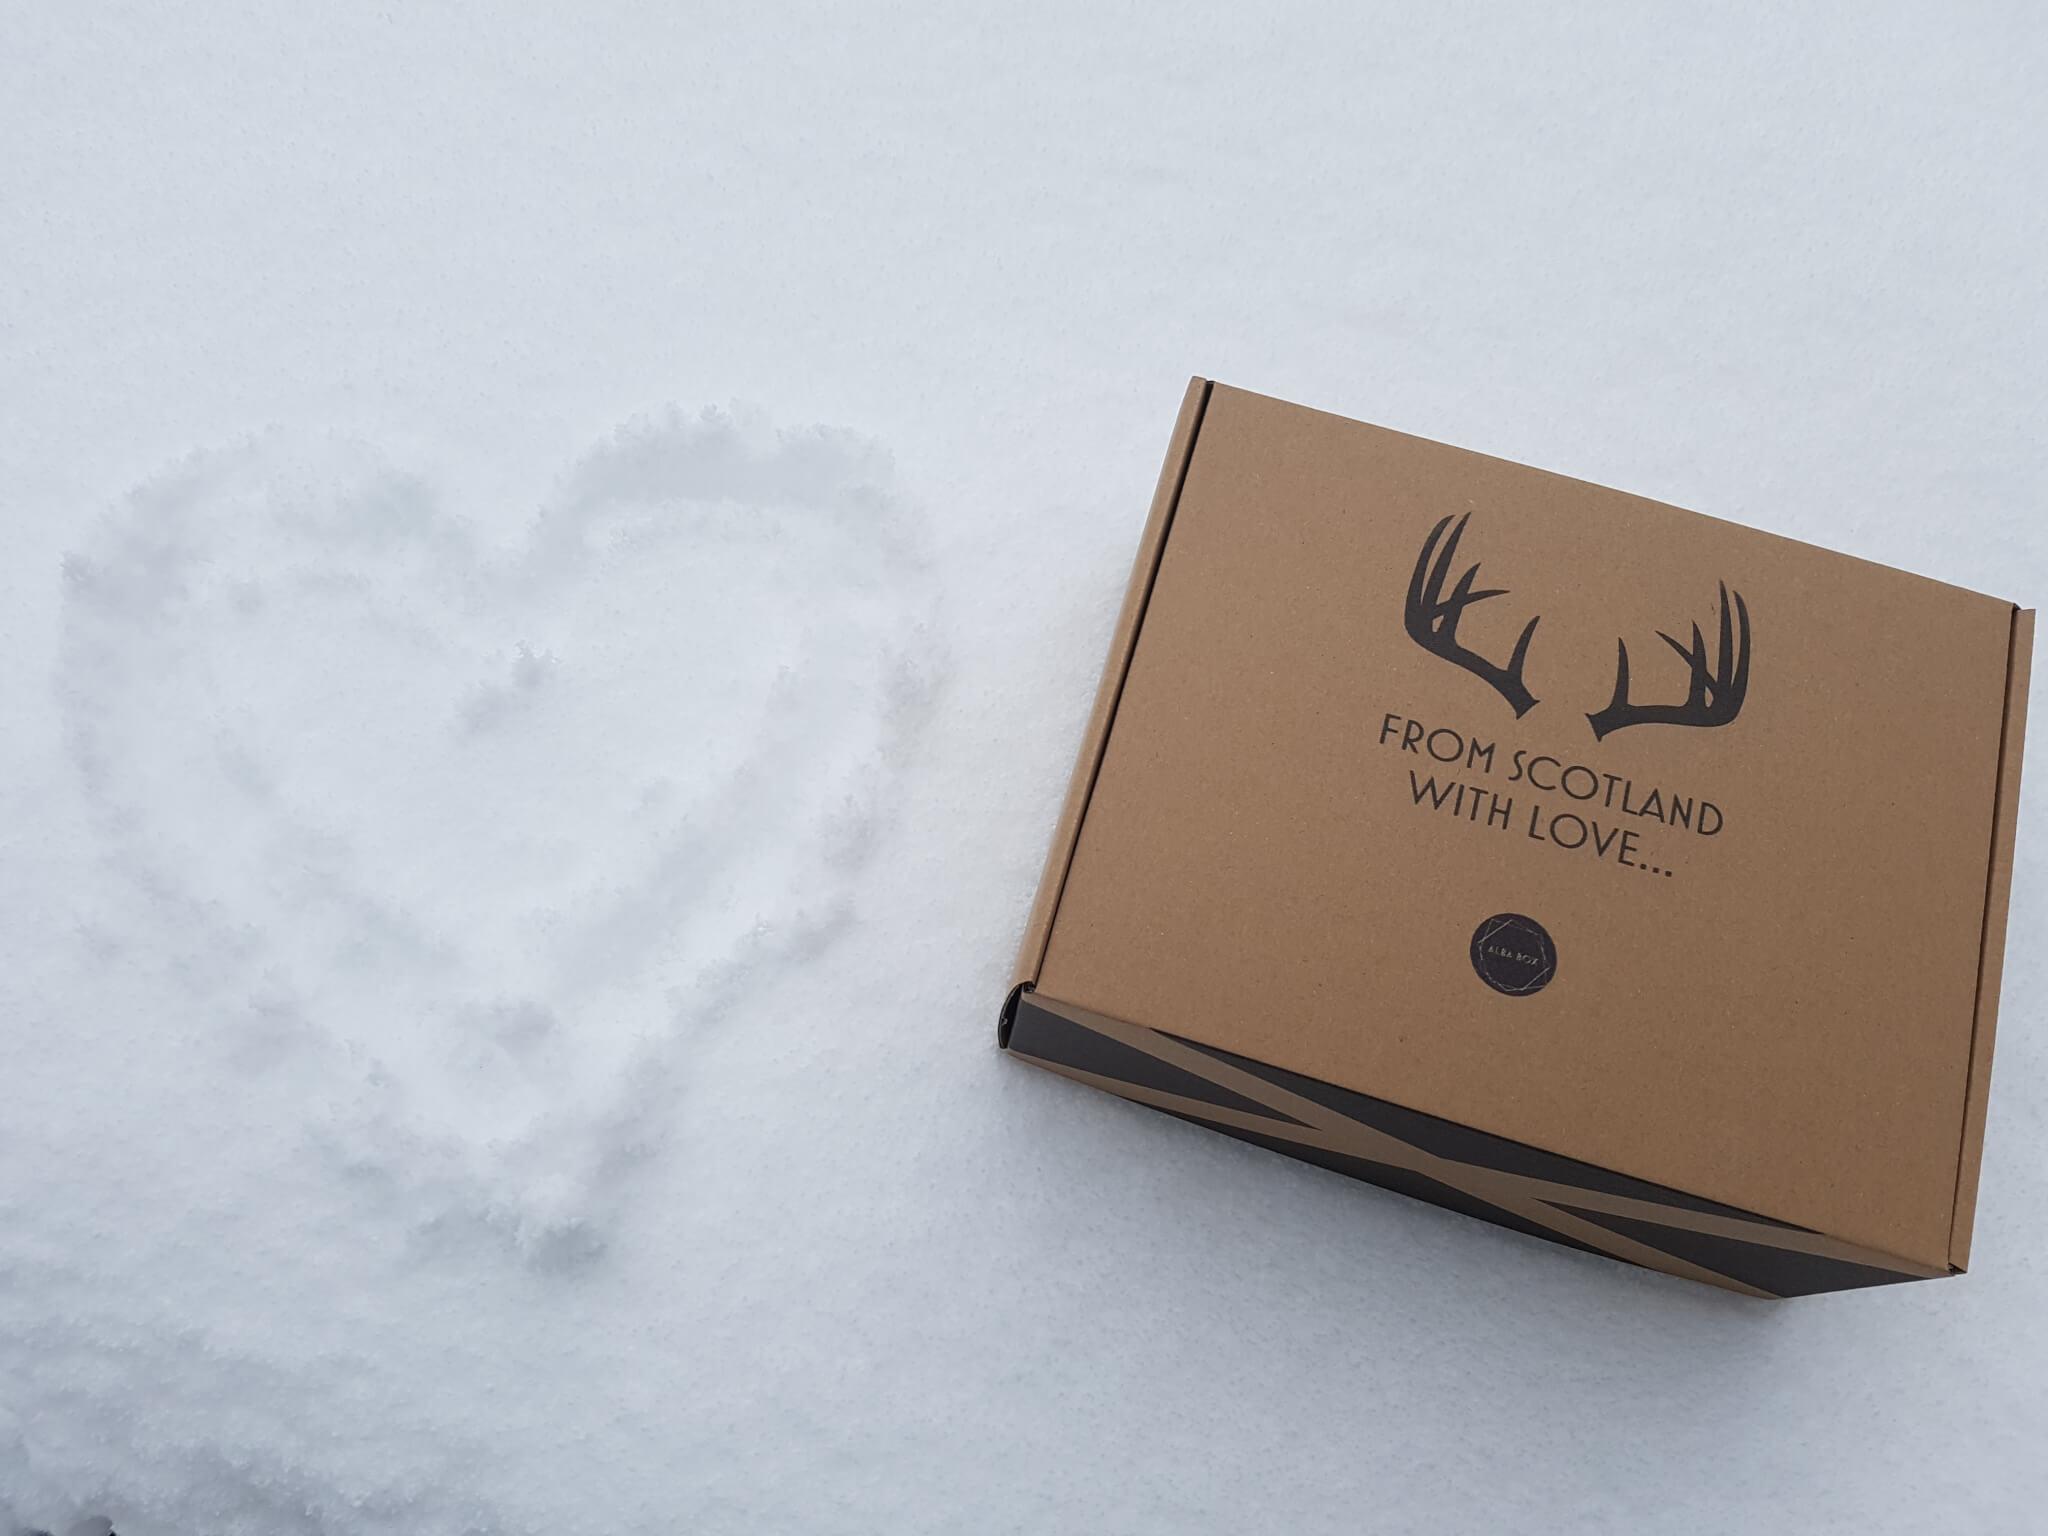 Boîte d'Expédition Eco pour Alba Box qui vend des spécialités écossaises